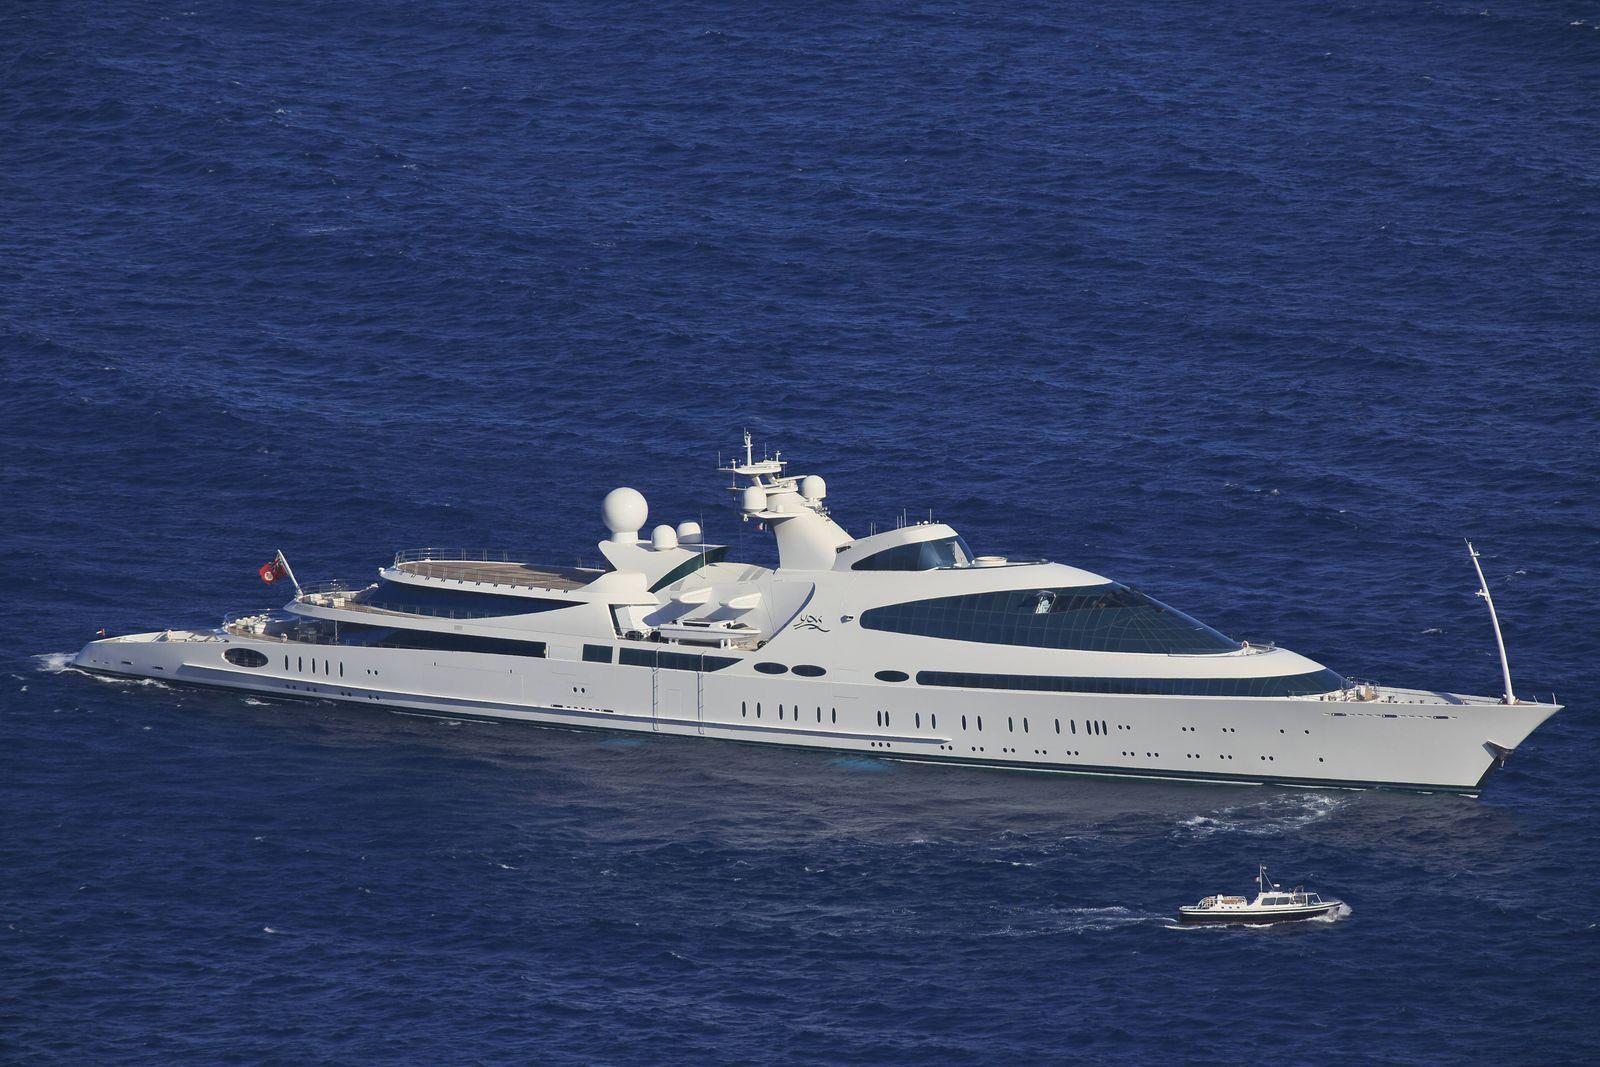 Motor Yacht YAS im Fürstentum Monaco Länge 141 Meter abgeliegert 1978 als Dänische Marinefregatte